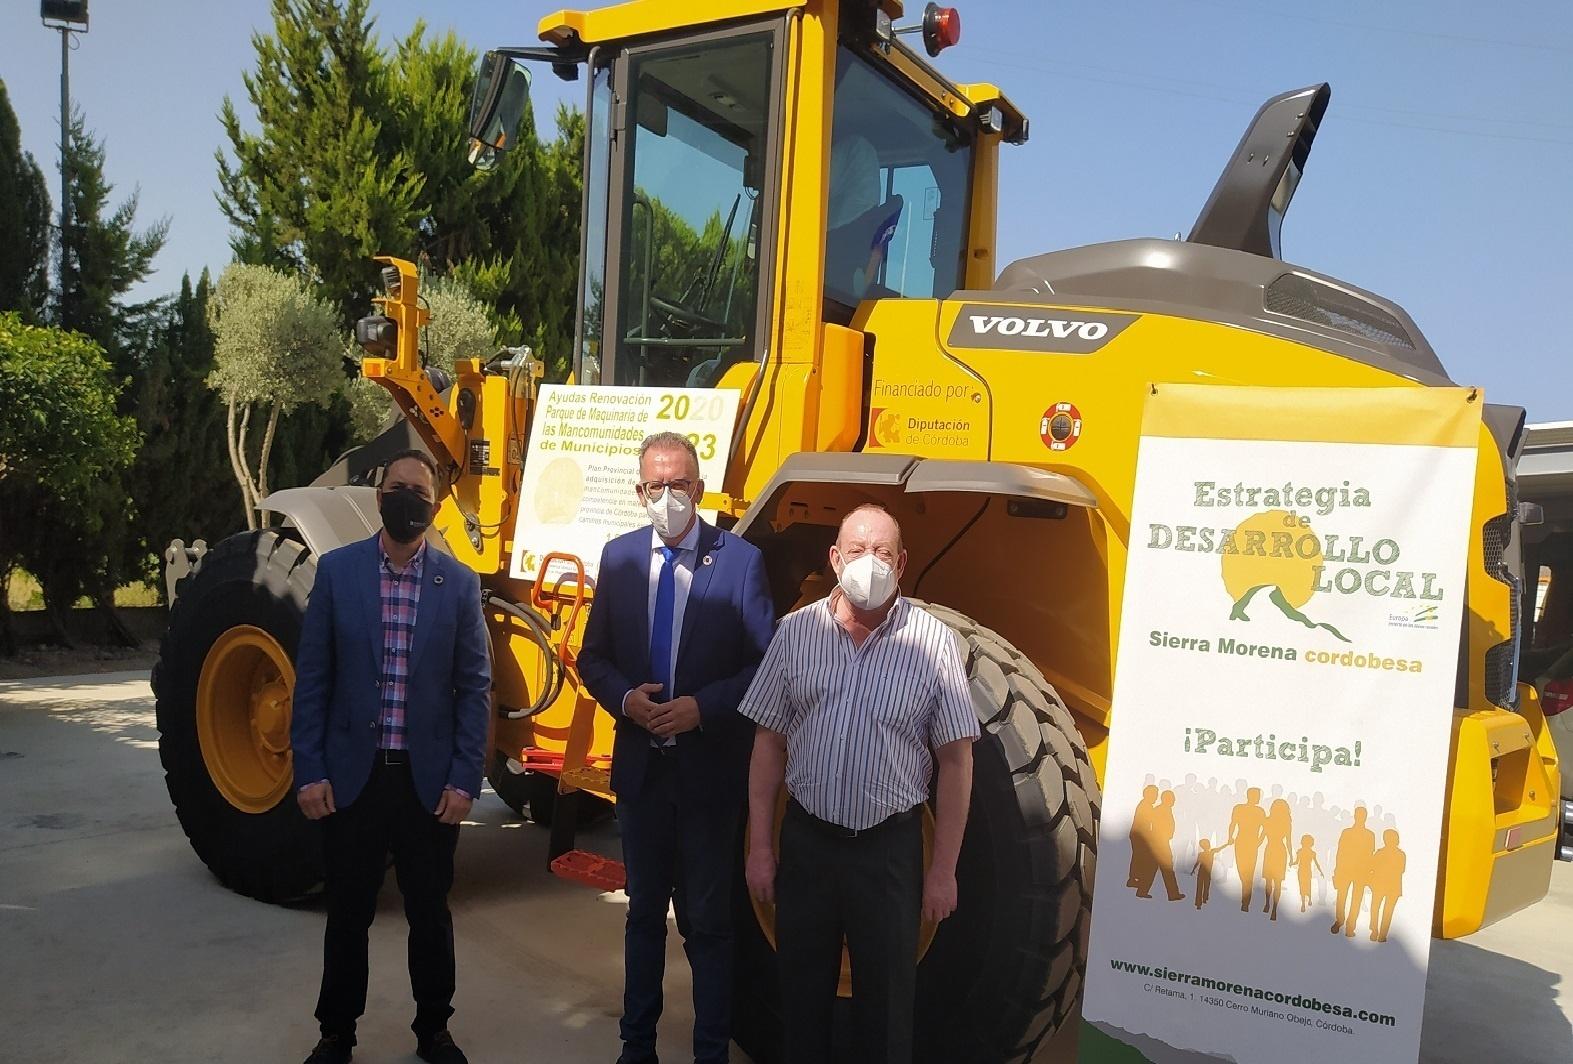 La Mancomunidad de Sierra Morena recibe un nuevo vehículo gracias al Plan de Adquisición de Maquinaria de la Diputación de Córdoba